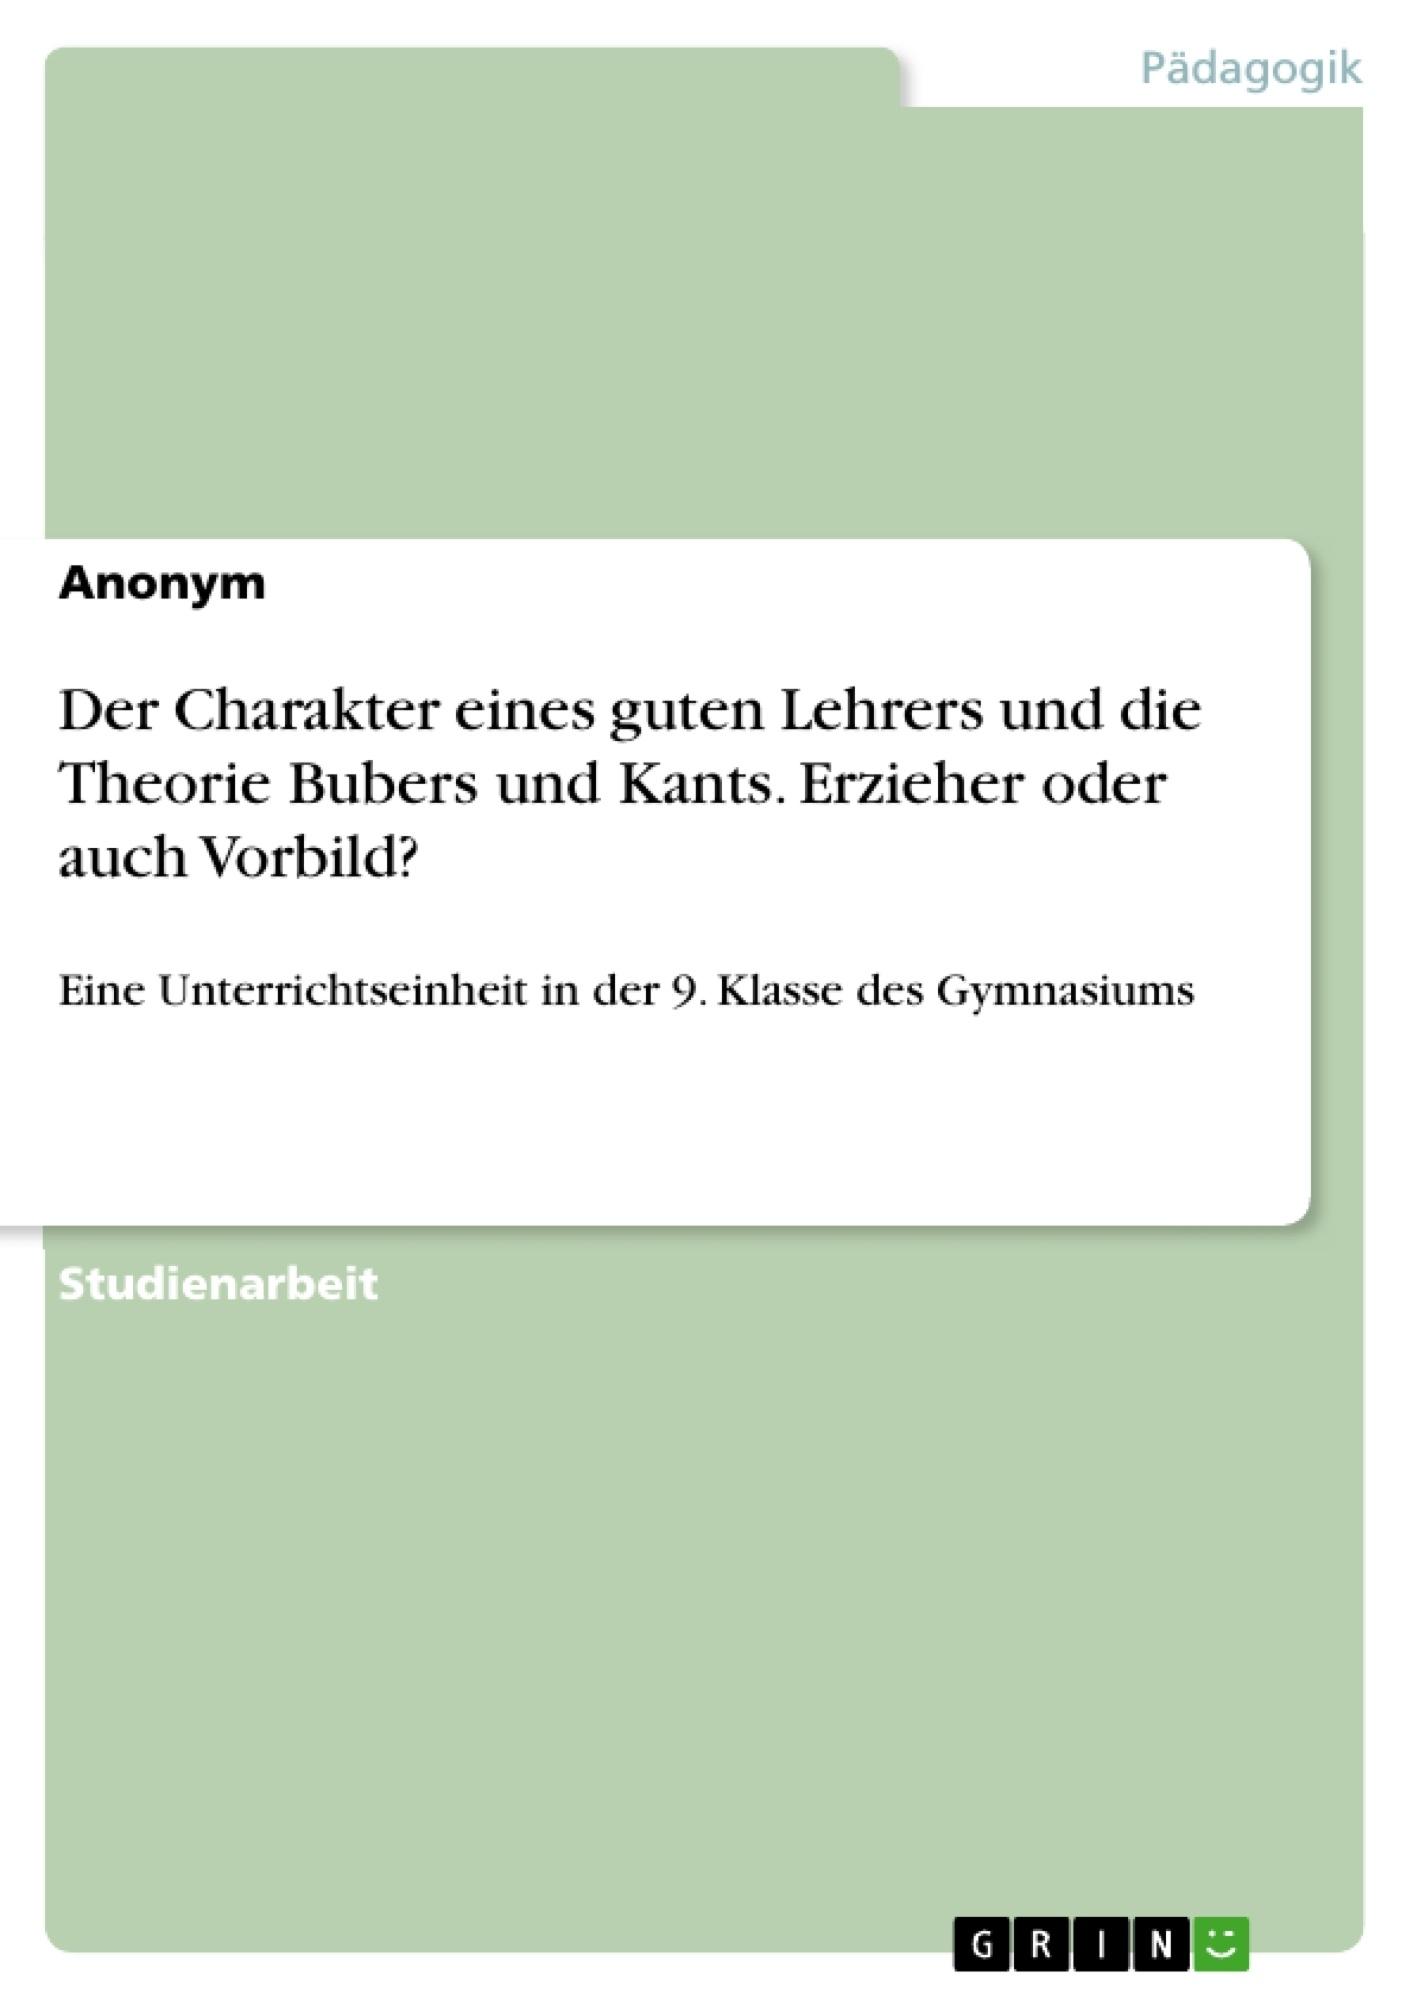 Titel: Der Charakter eines guten Lehrers und die Theorie Bubers und Kants. Erzieher oder auch Vorbild?